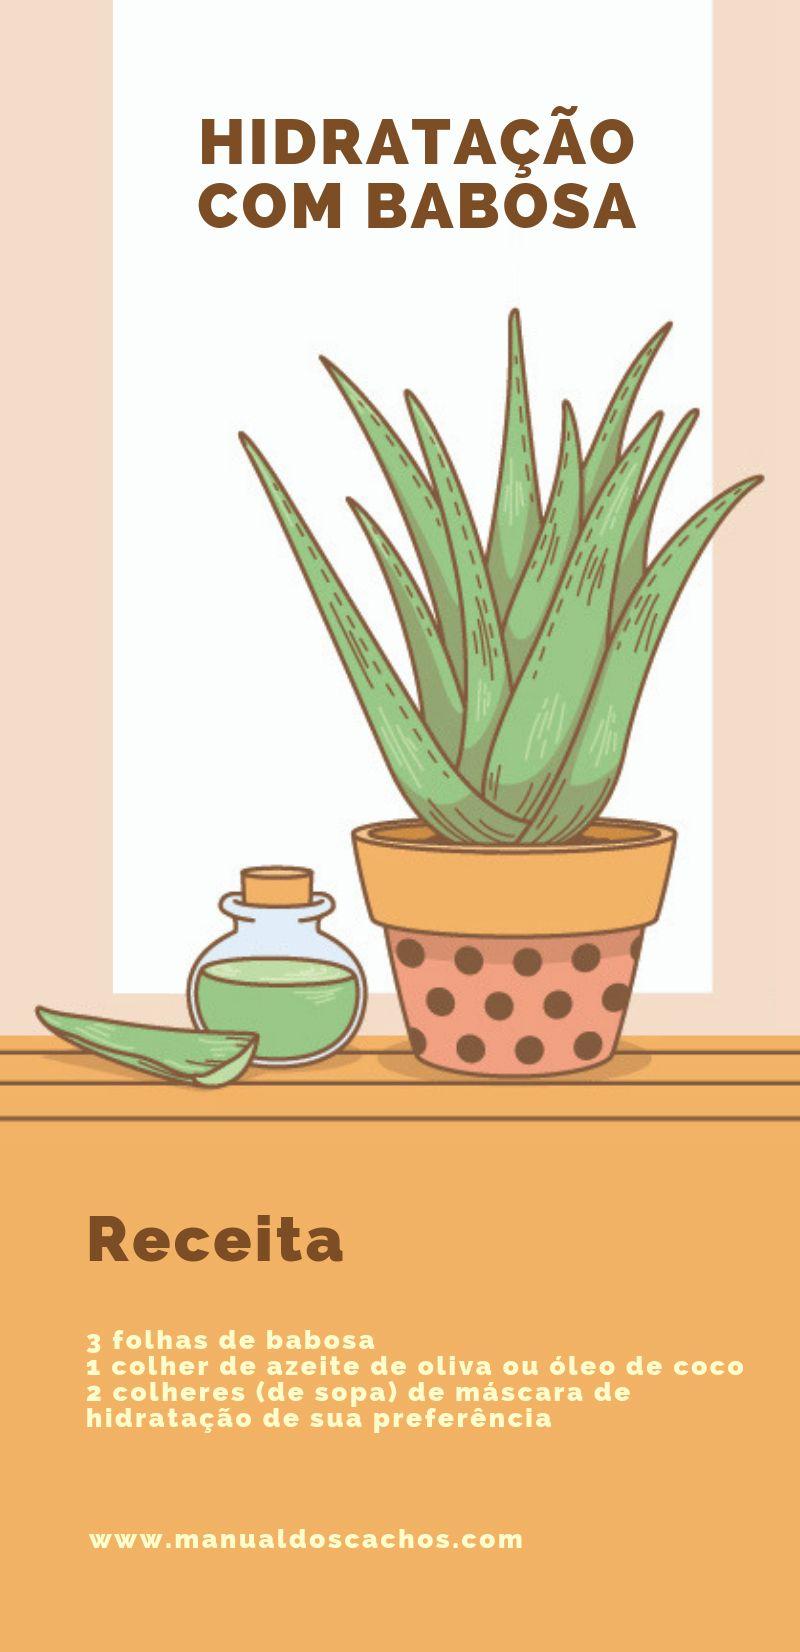 Hidratação com babosa para cabelos cacheados - Manual dos cachos